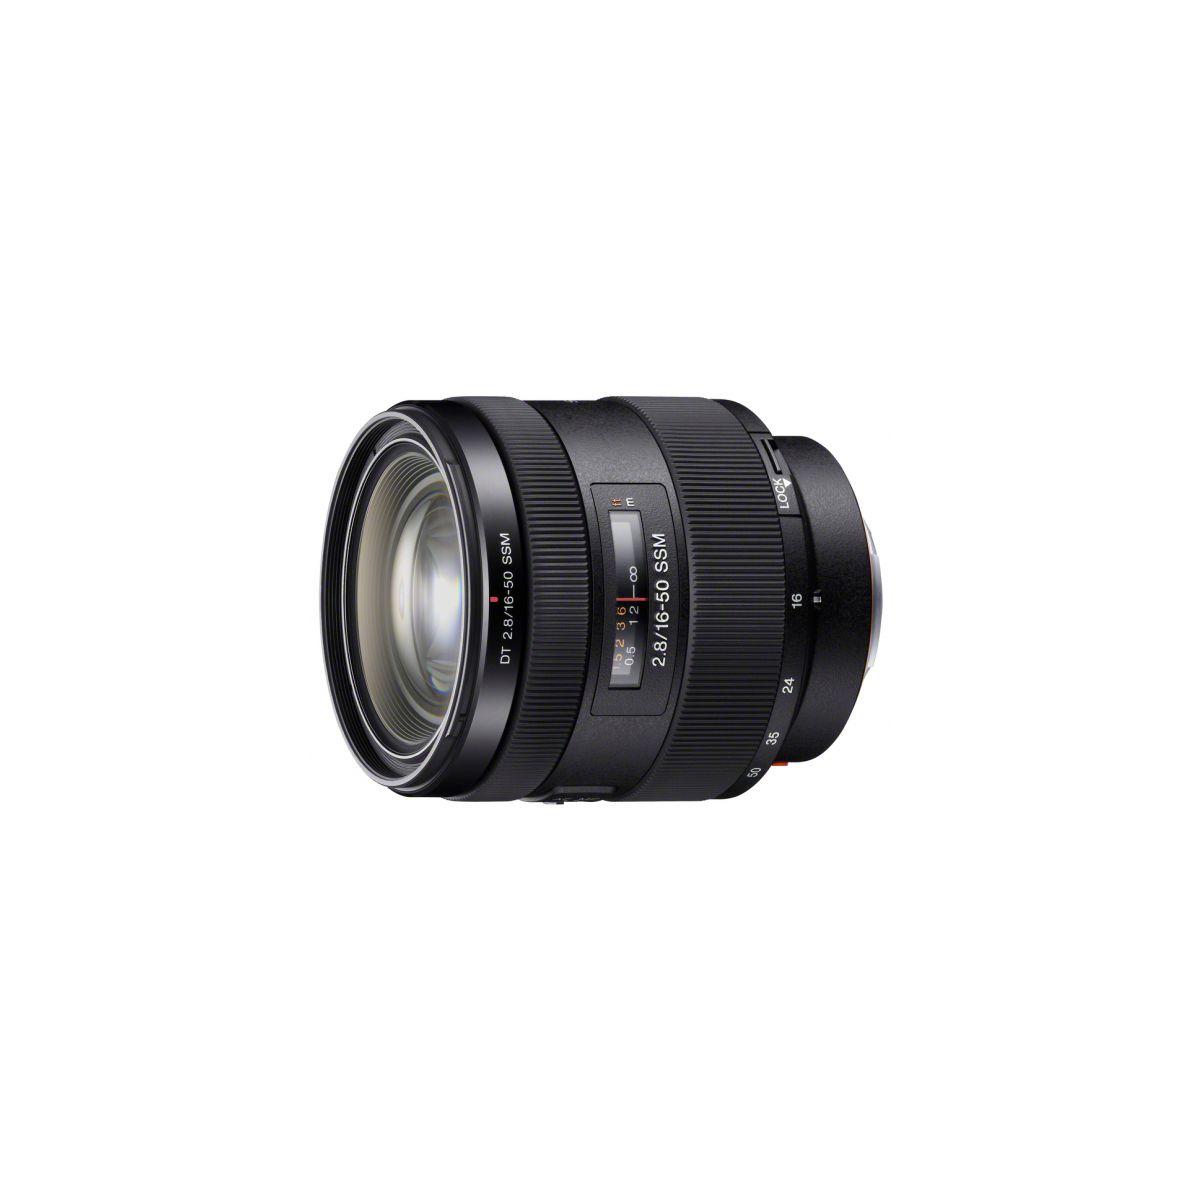 Objectif pour reflex sony sal 16-50mm f/2,8 dt - 2% de remise imm�diate avec le code : deal2